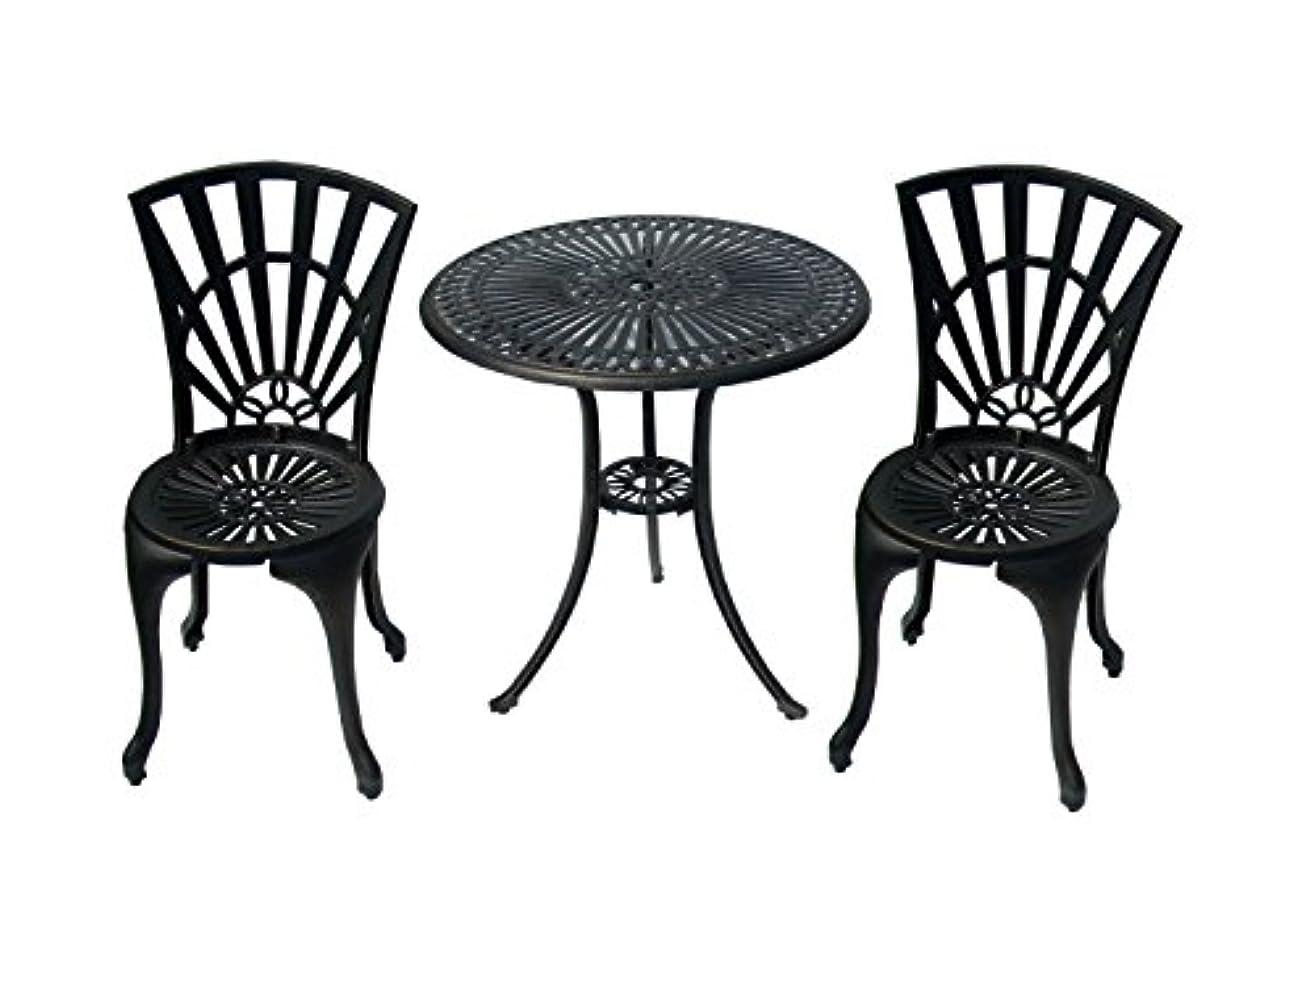 ワックス修羅場環境保護主義者アルミ テーブル チェア セット 太陽花